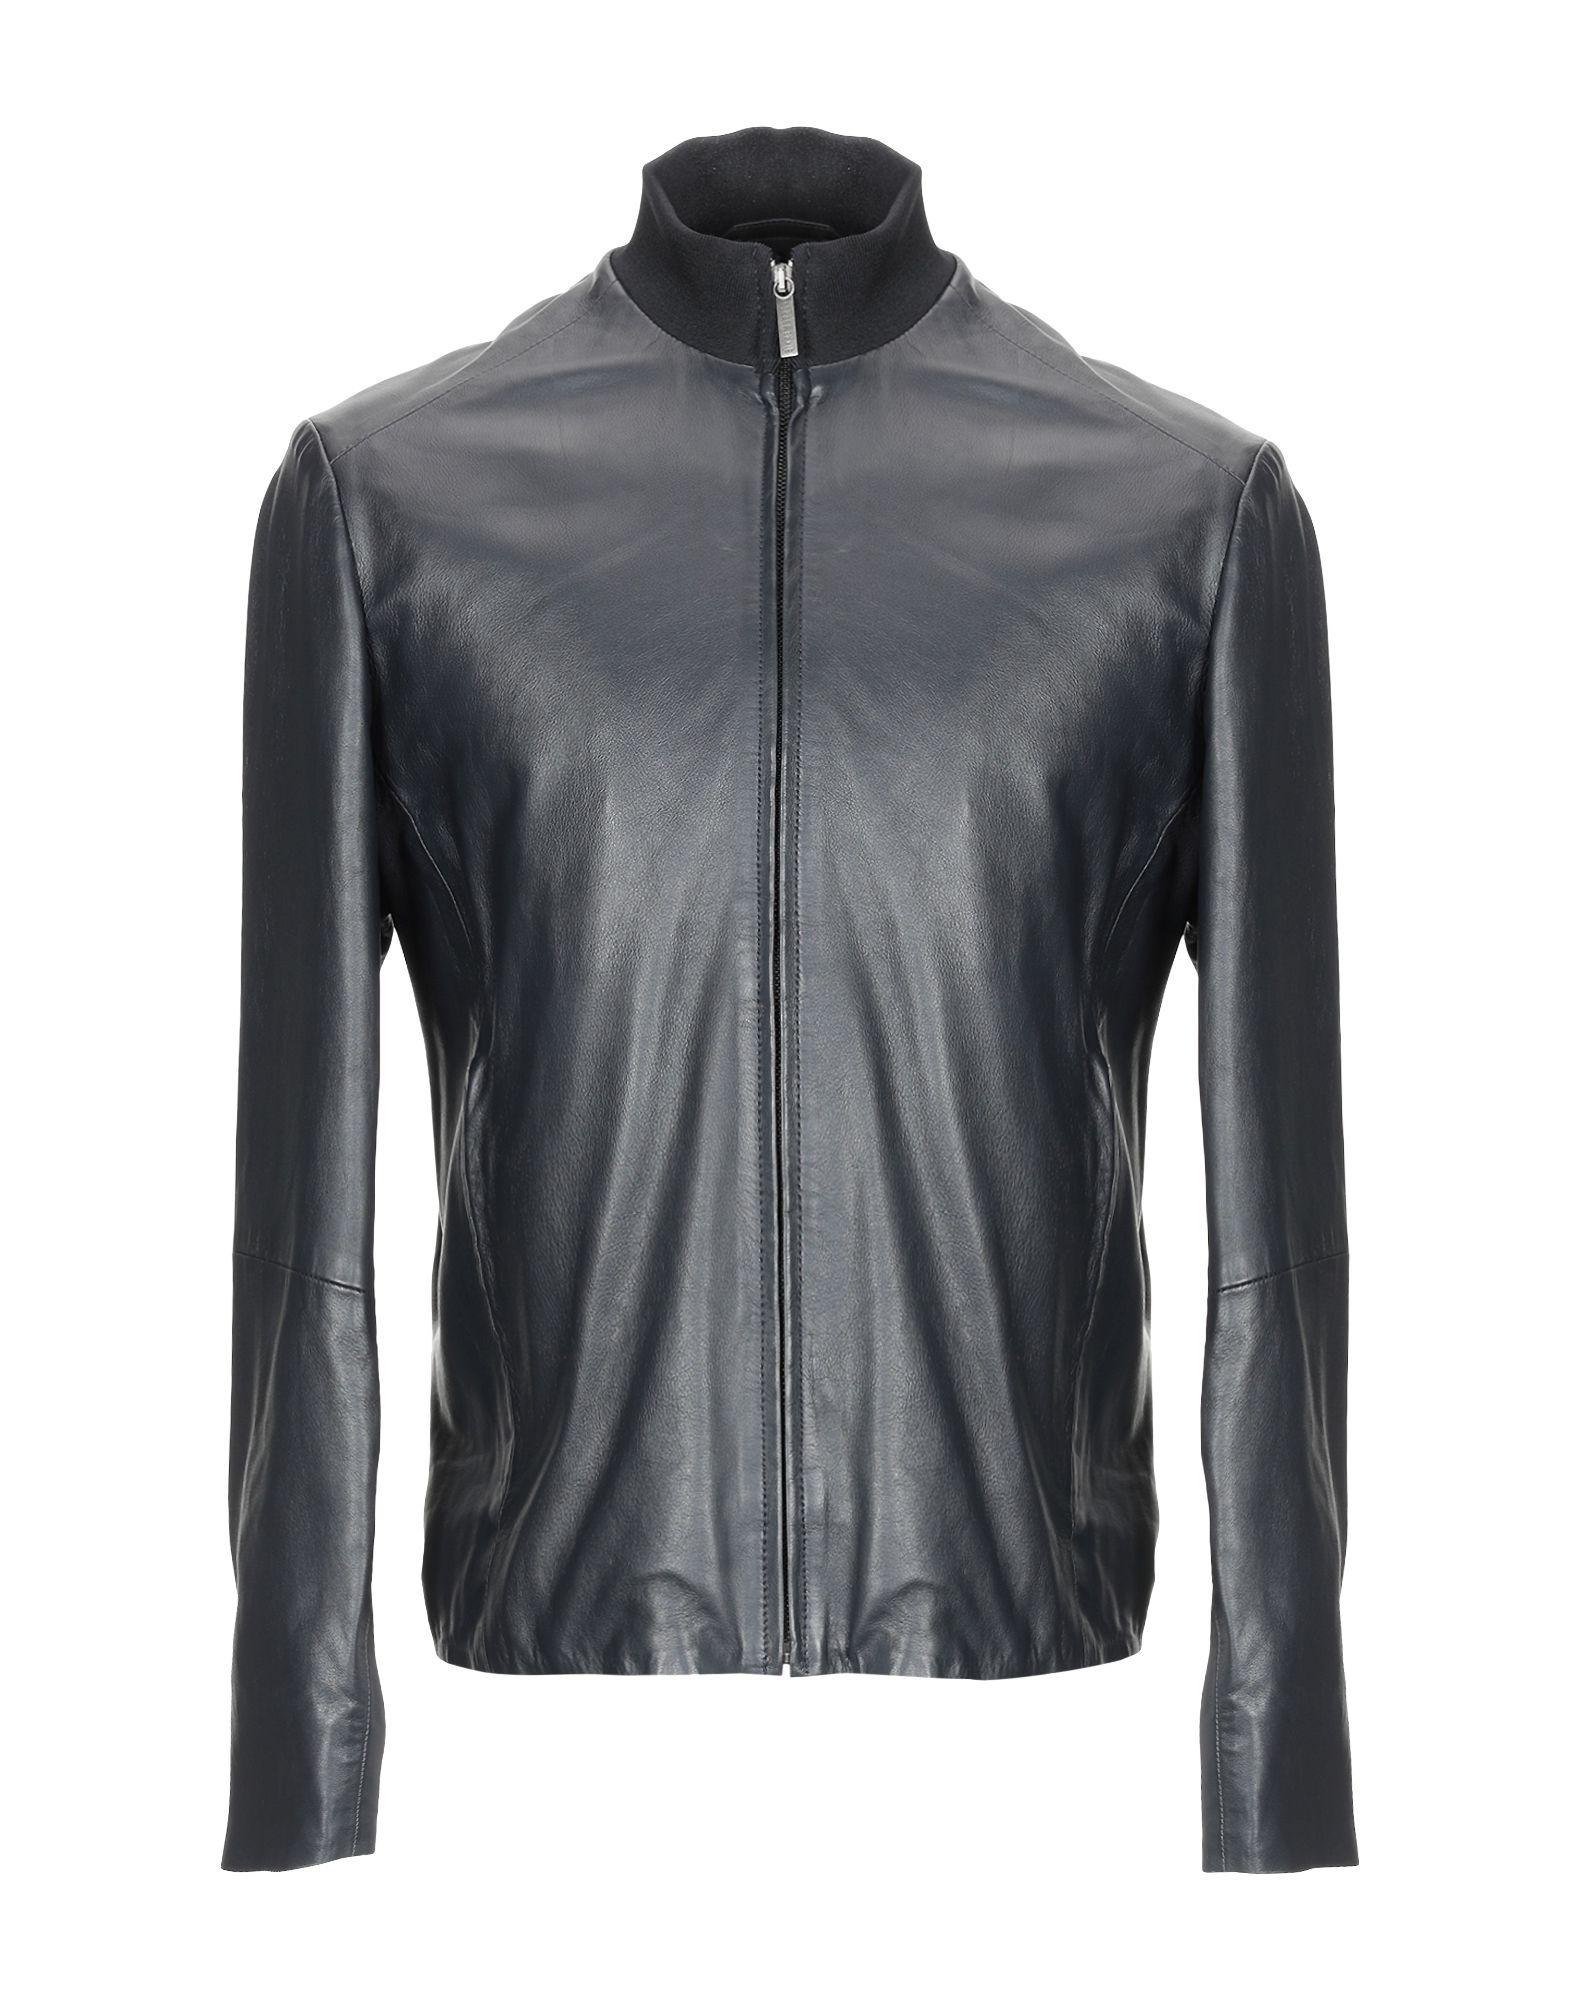 BIKKEMBERGS Jackets in Steel Grey